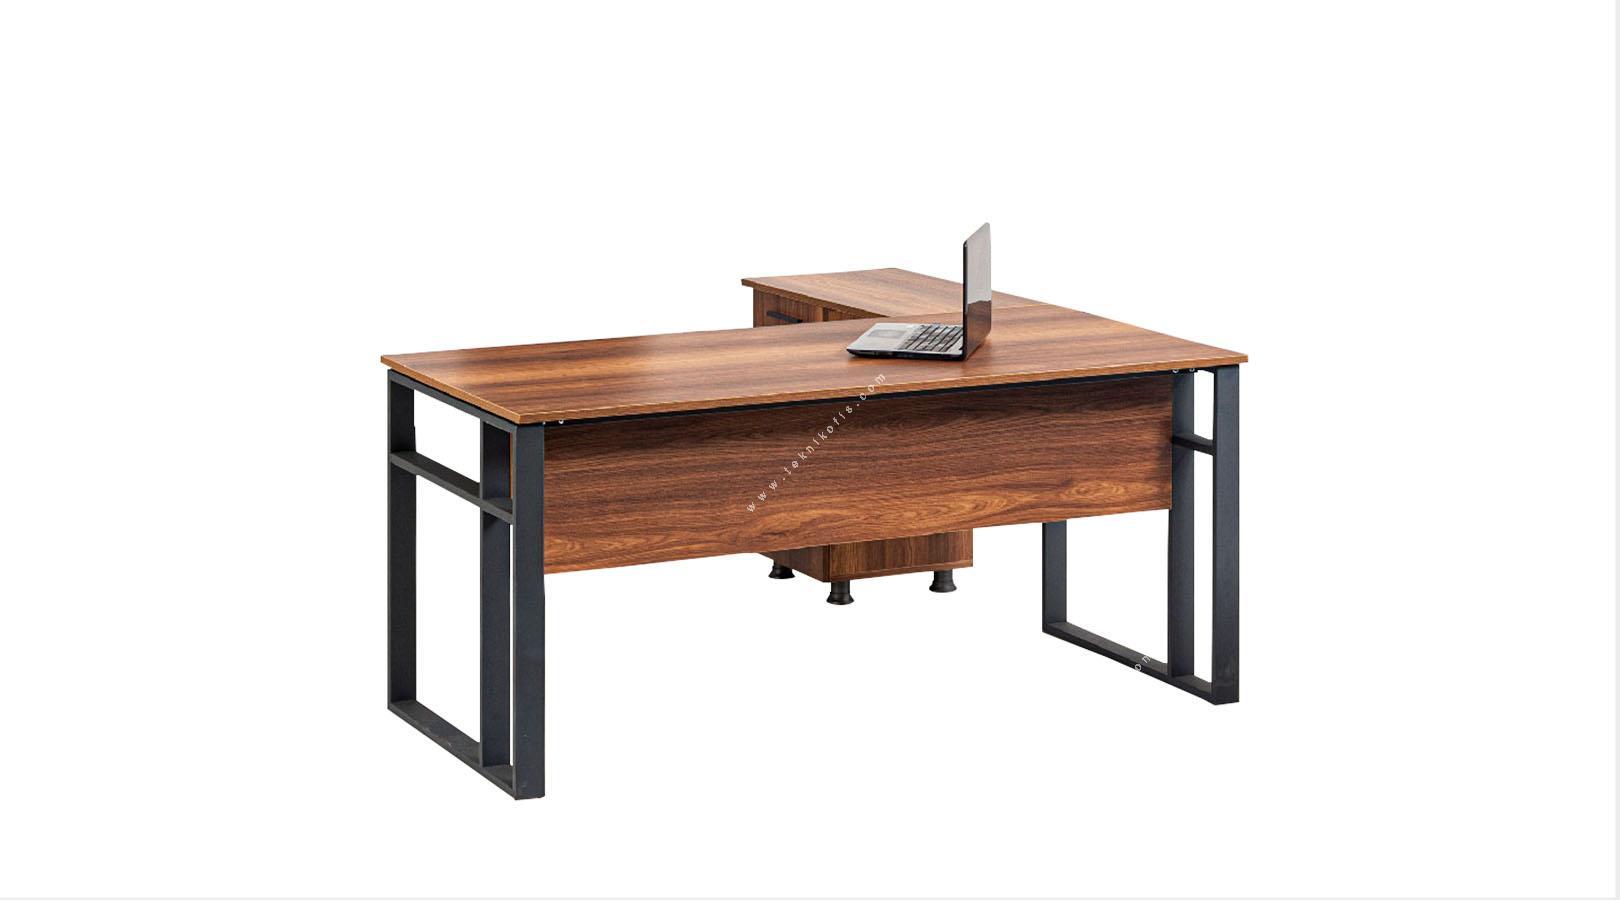 nimpa etajerli yönetici masası 160cm